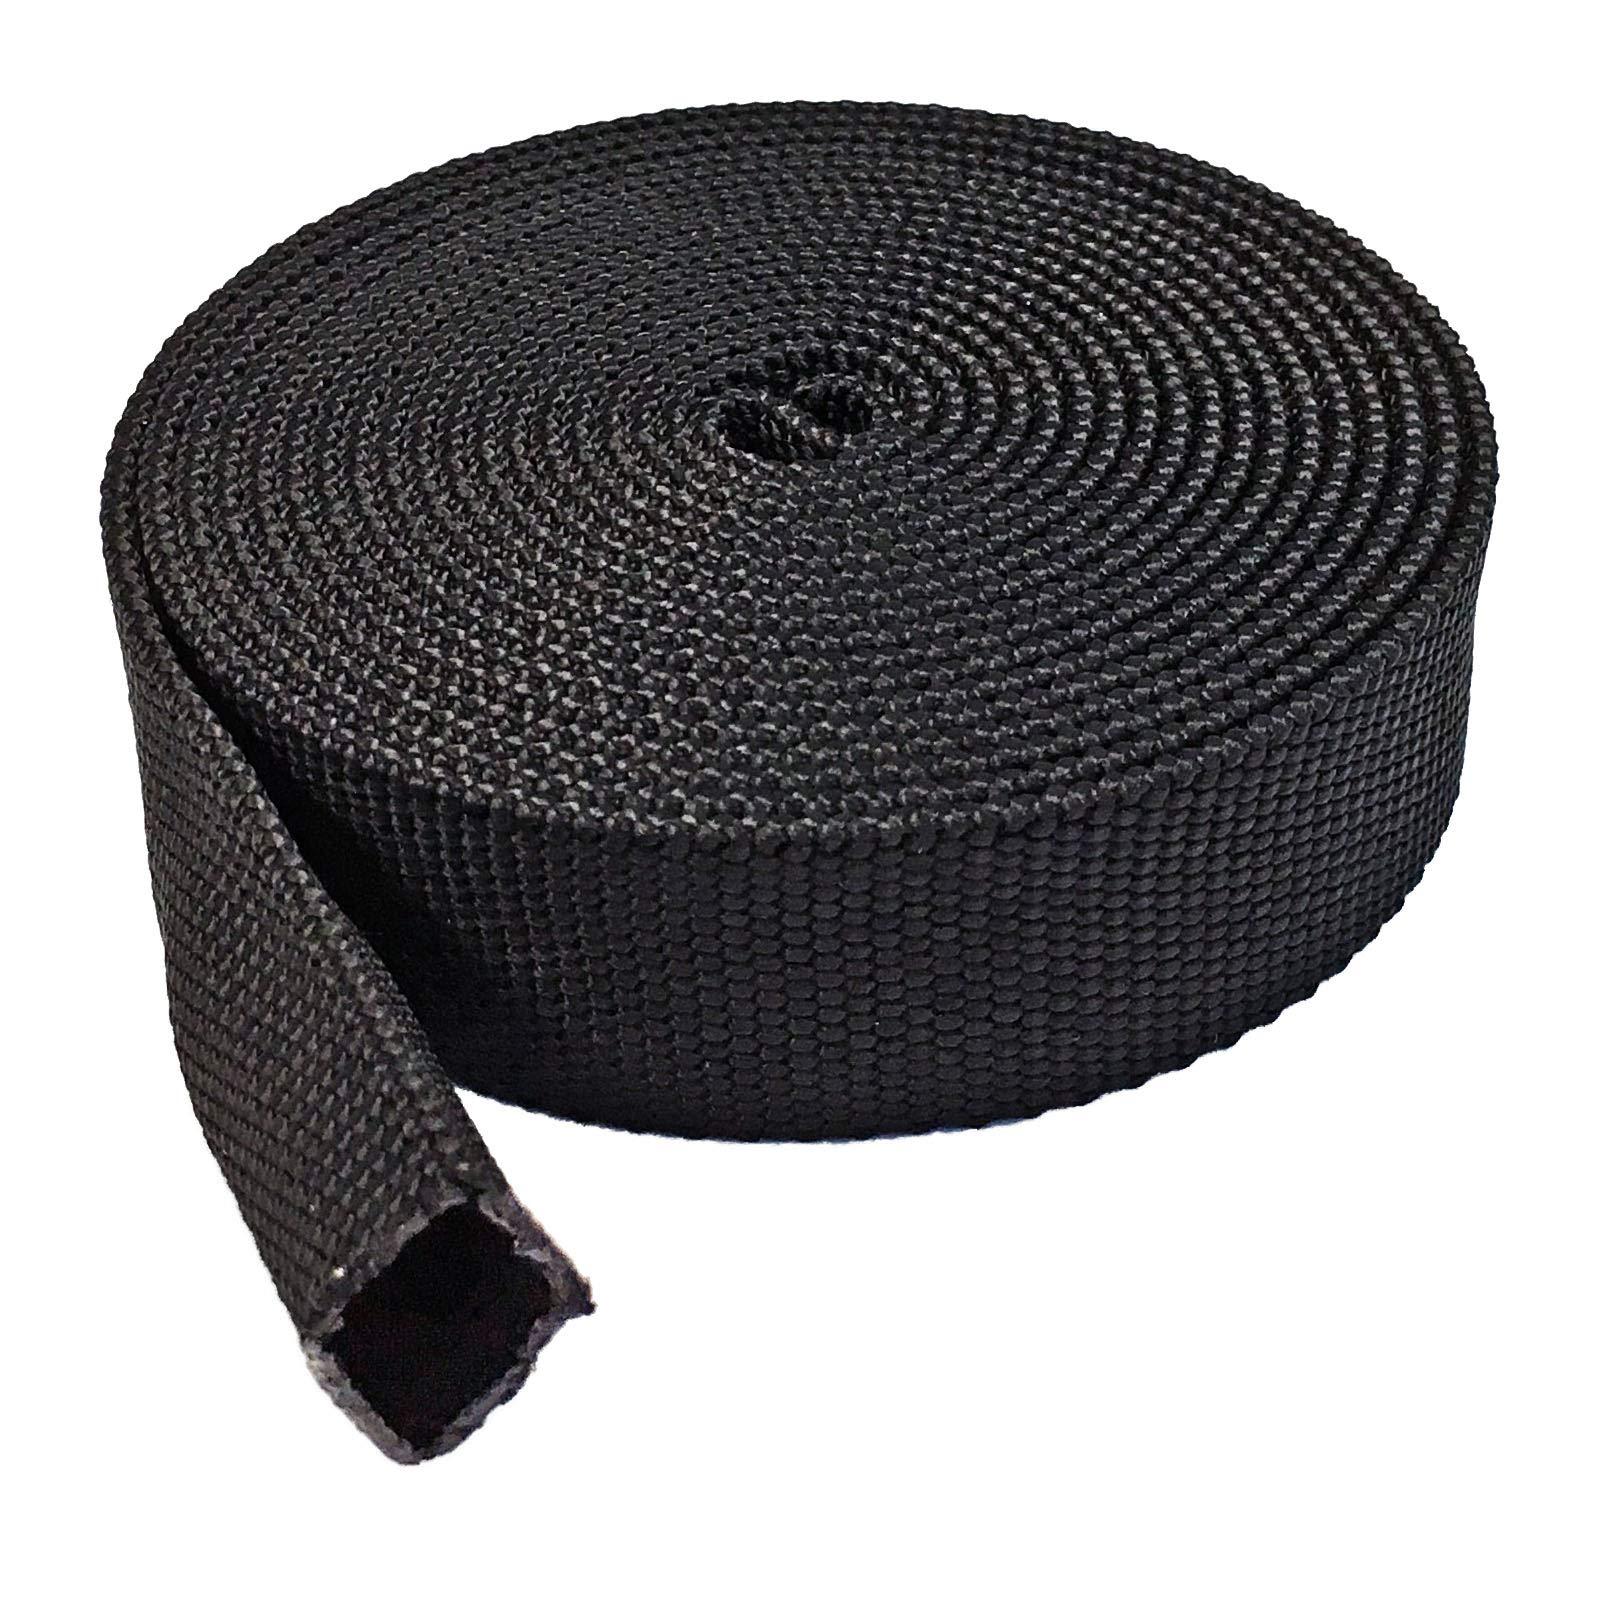 Electriduct 3.5'' Nylon Protective Hose Sleeve - 100ft Black